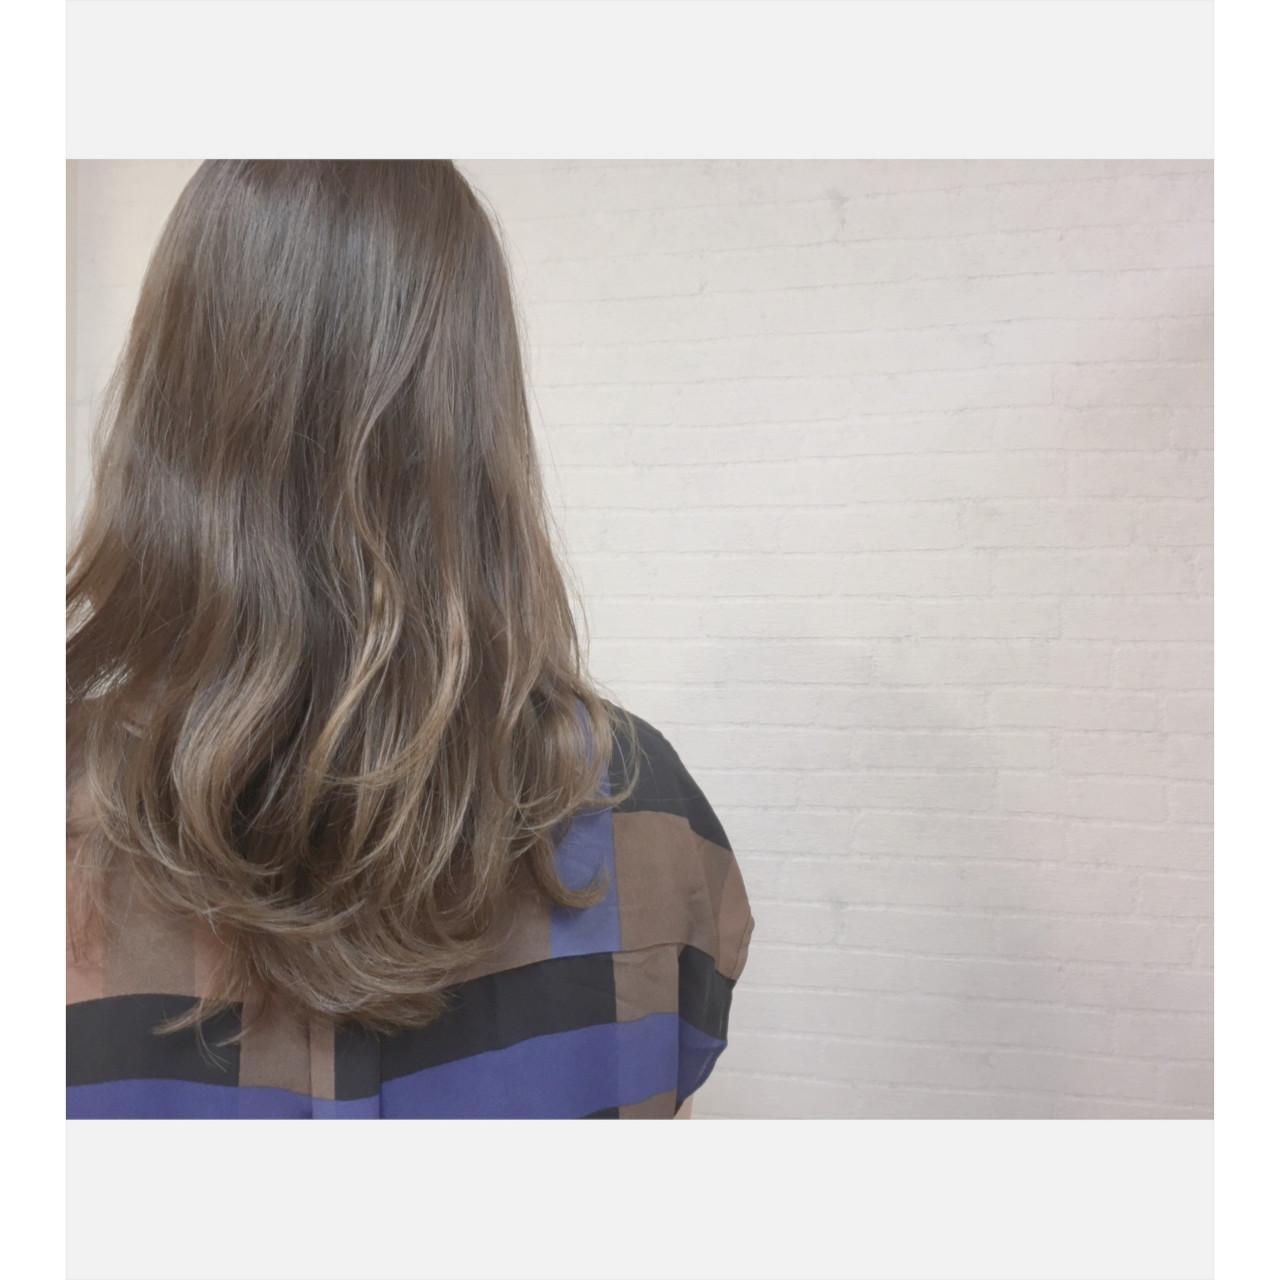 ナチュラル セミロング 外国人風 ゆるふわ ヘアスタイルや髪型の写真・画像